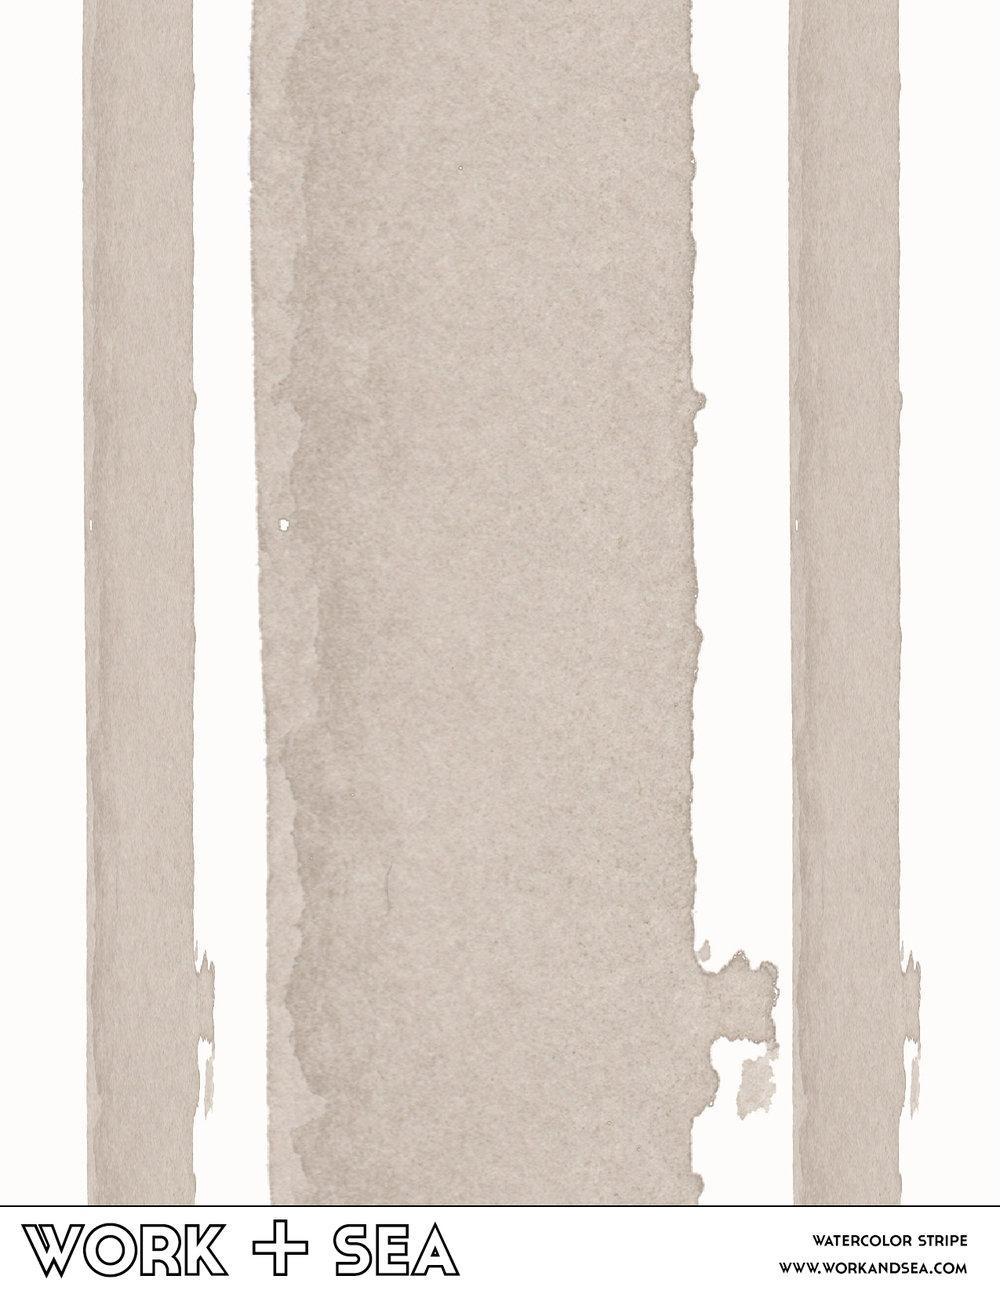 Watercolor Stripe Memo.jpg